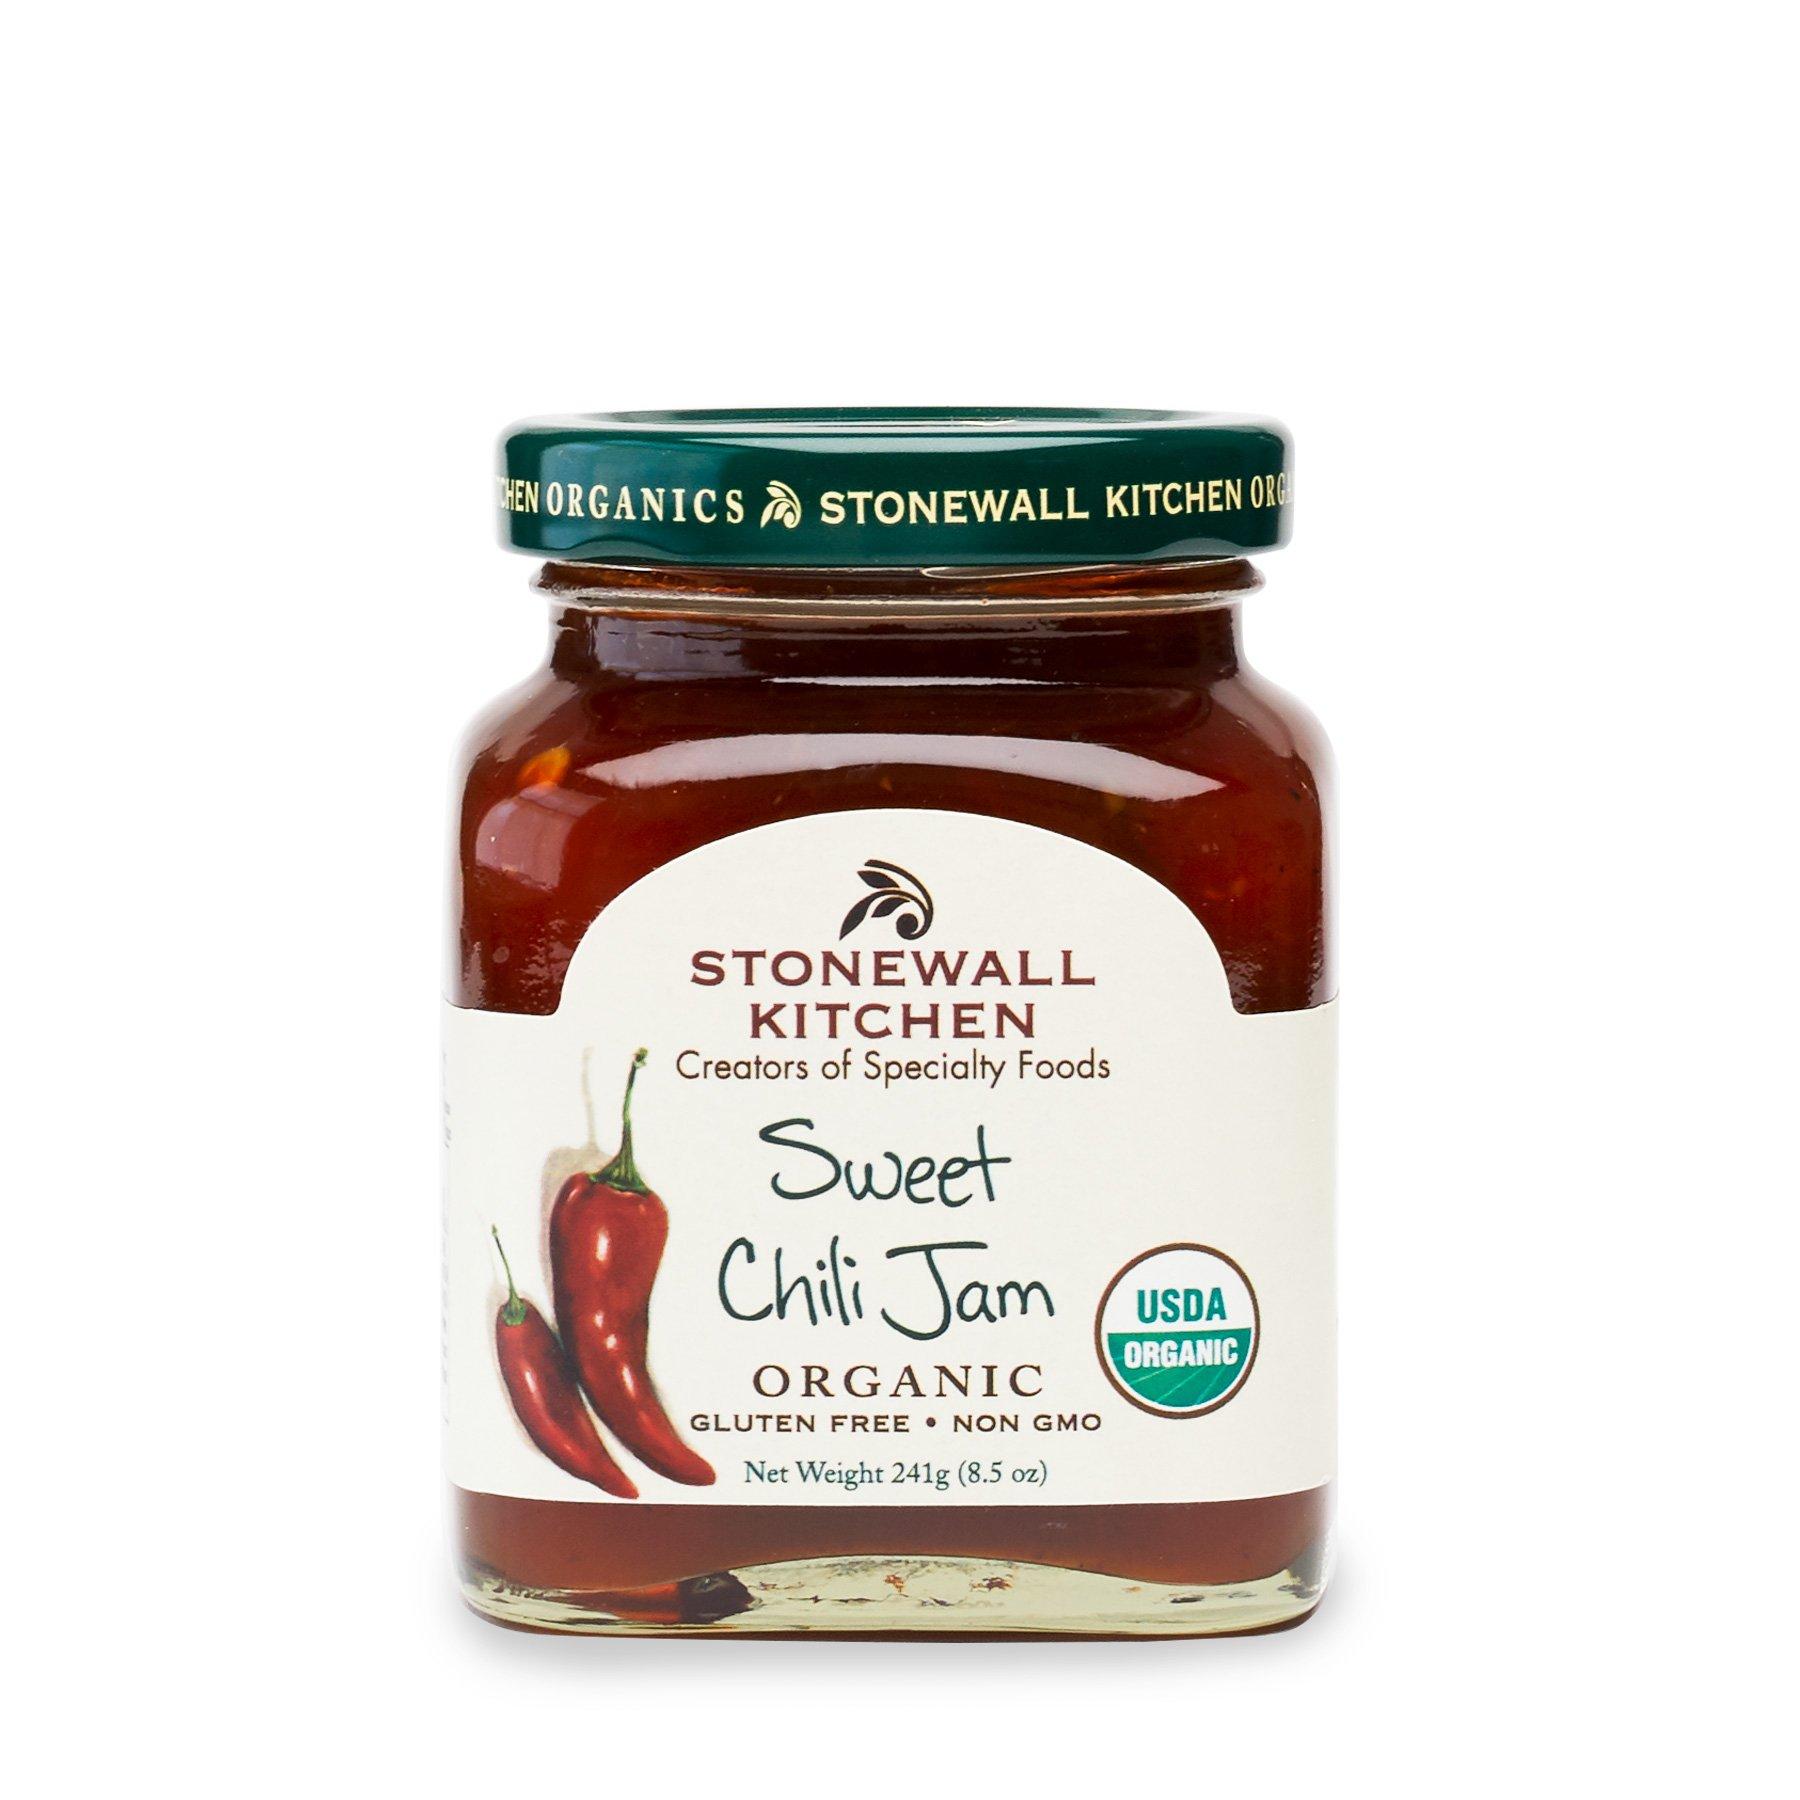 Stonewall Kitchen Organic Sweet Chili Jam, 8.5 Ounce